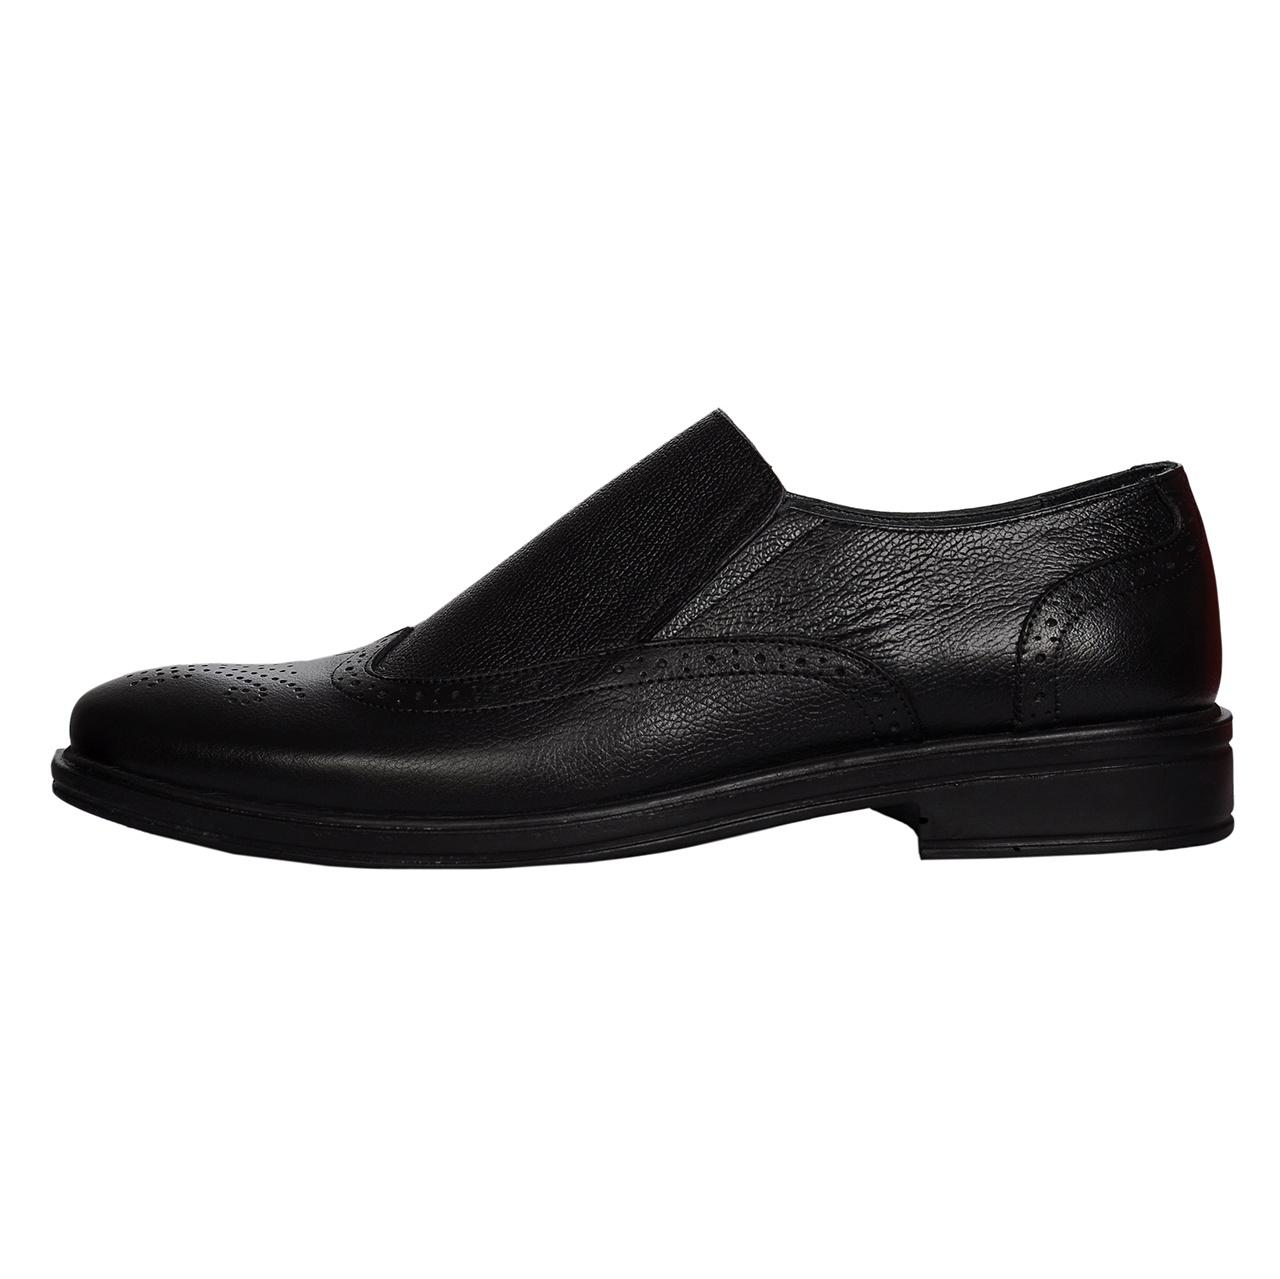 کفش مردانه مدل NGM saco